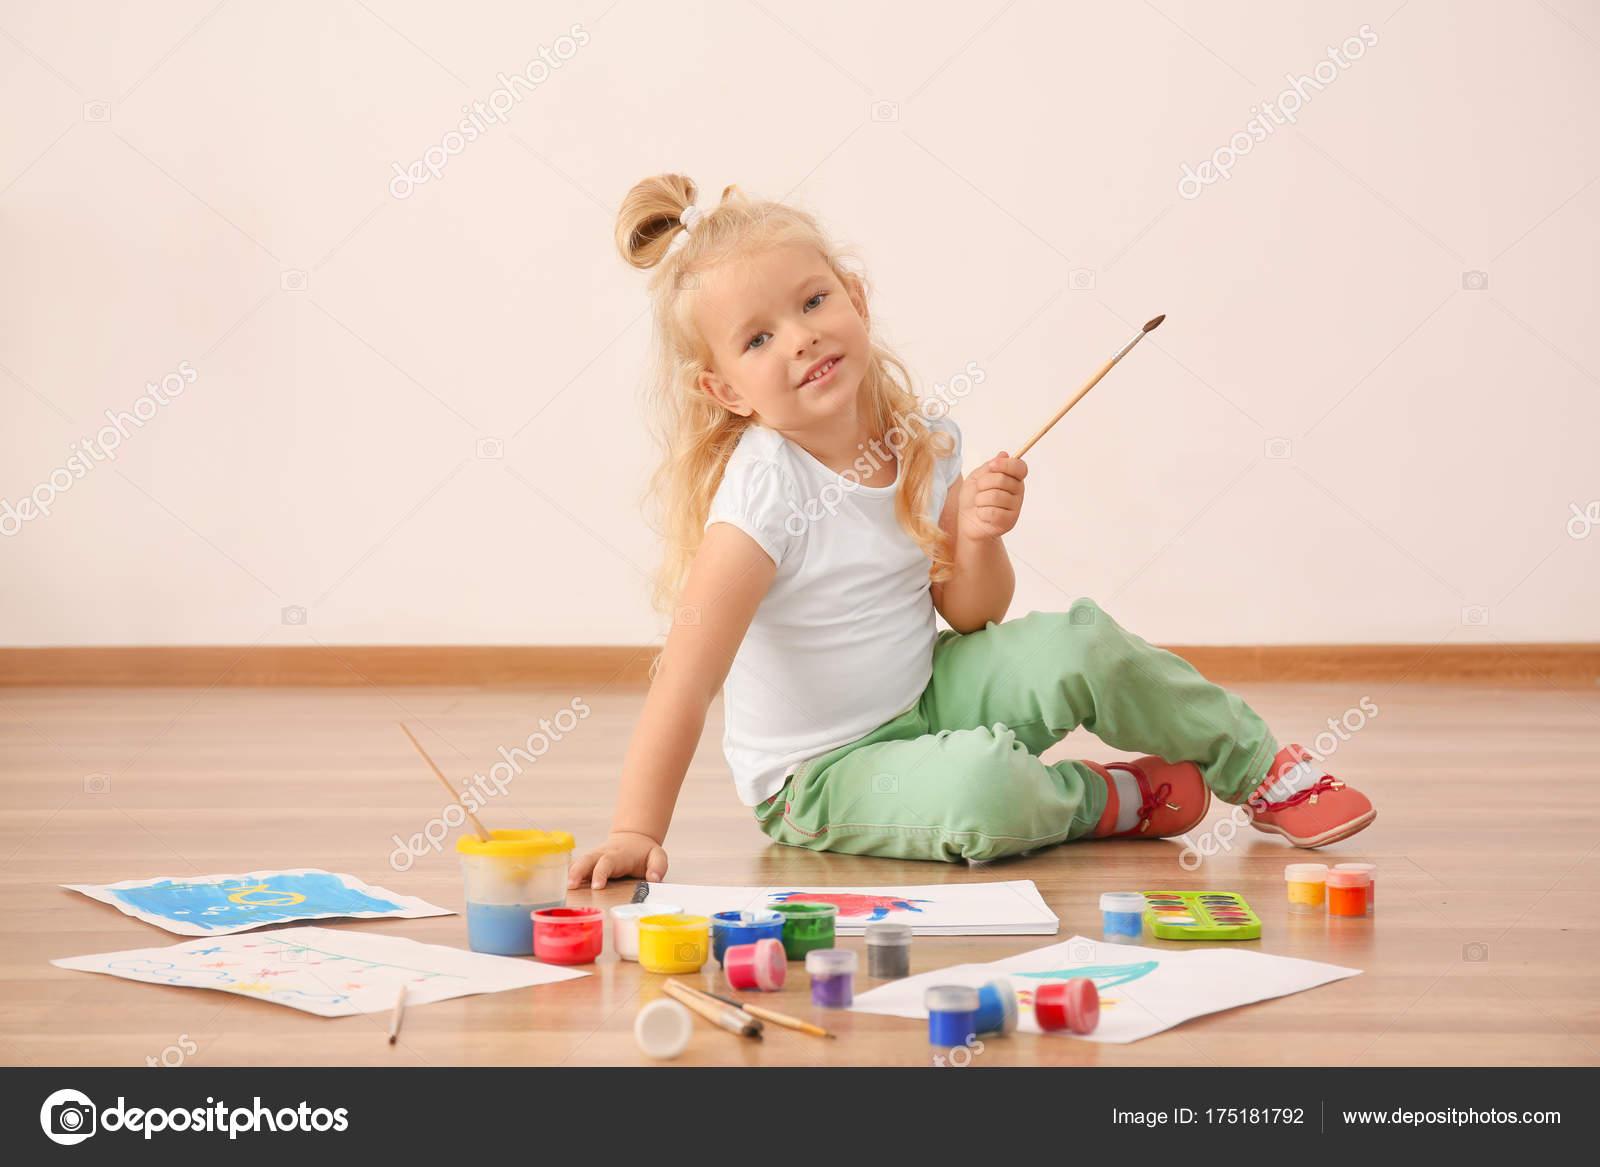 Sevimli Kız Boyama Resmi Kağıt Kapalı üzerine Stok Foto